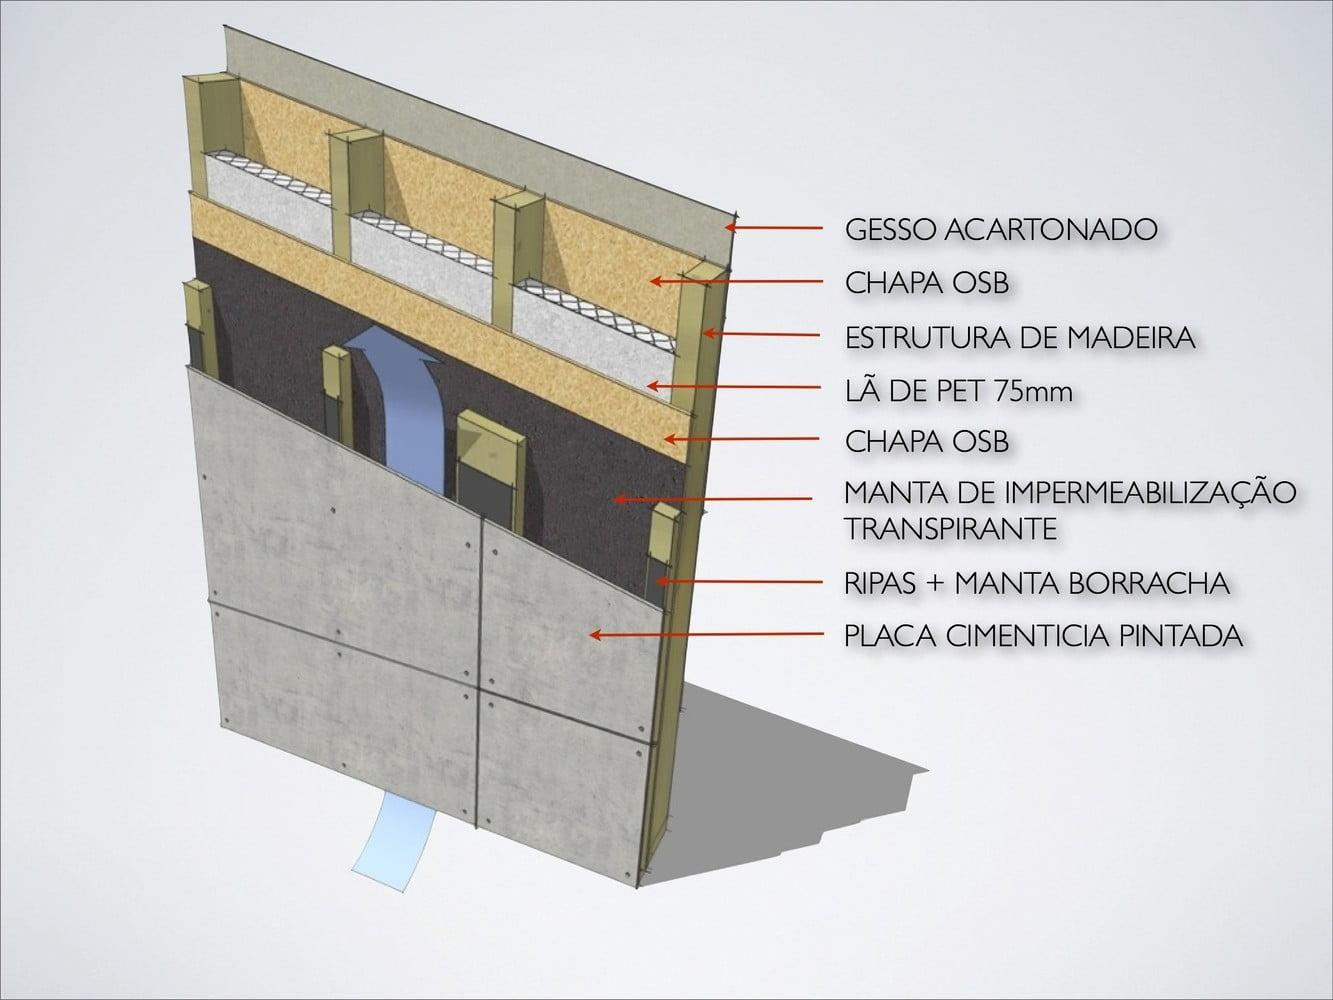 Uma imagem mostrando a composição da parede em wood frame